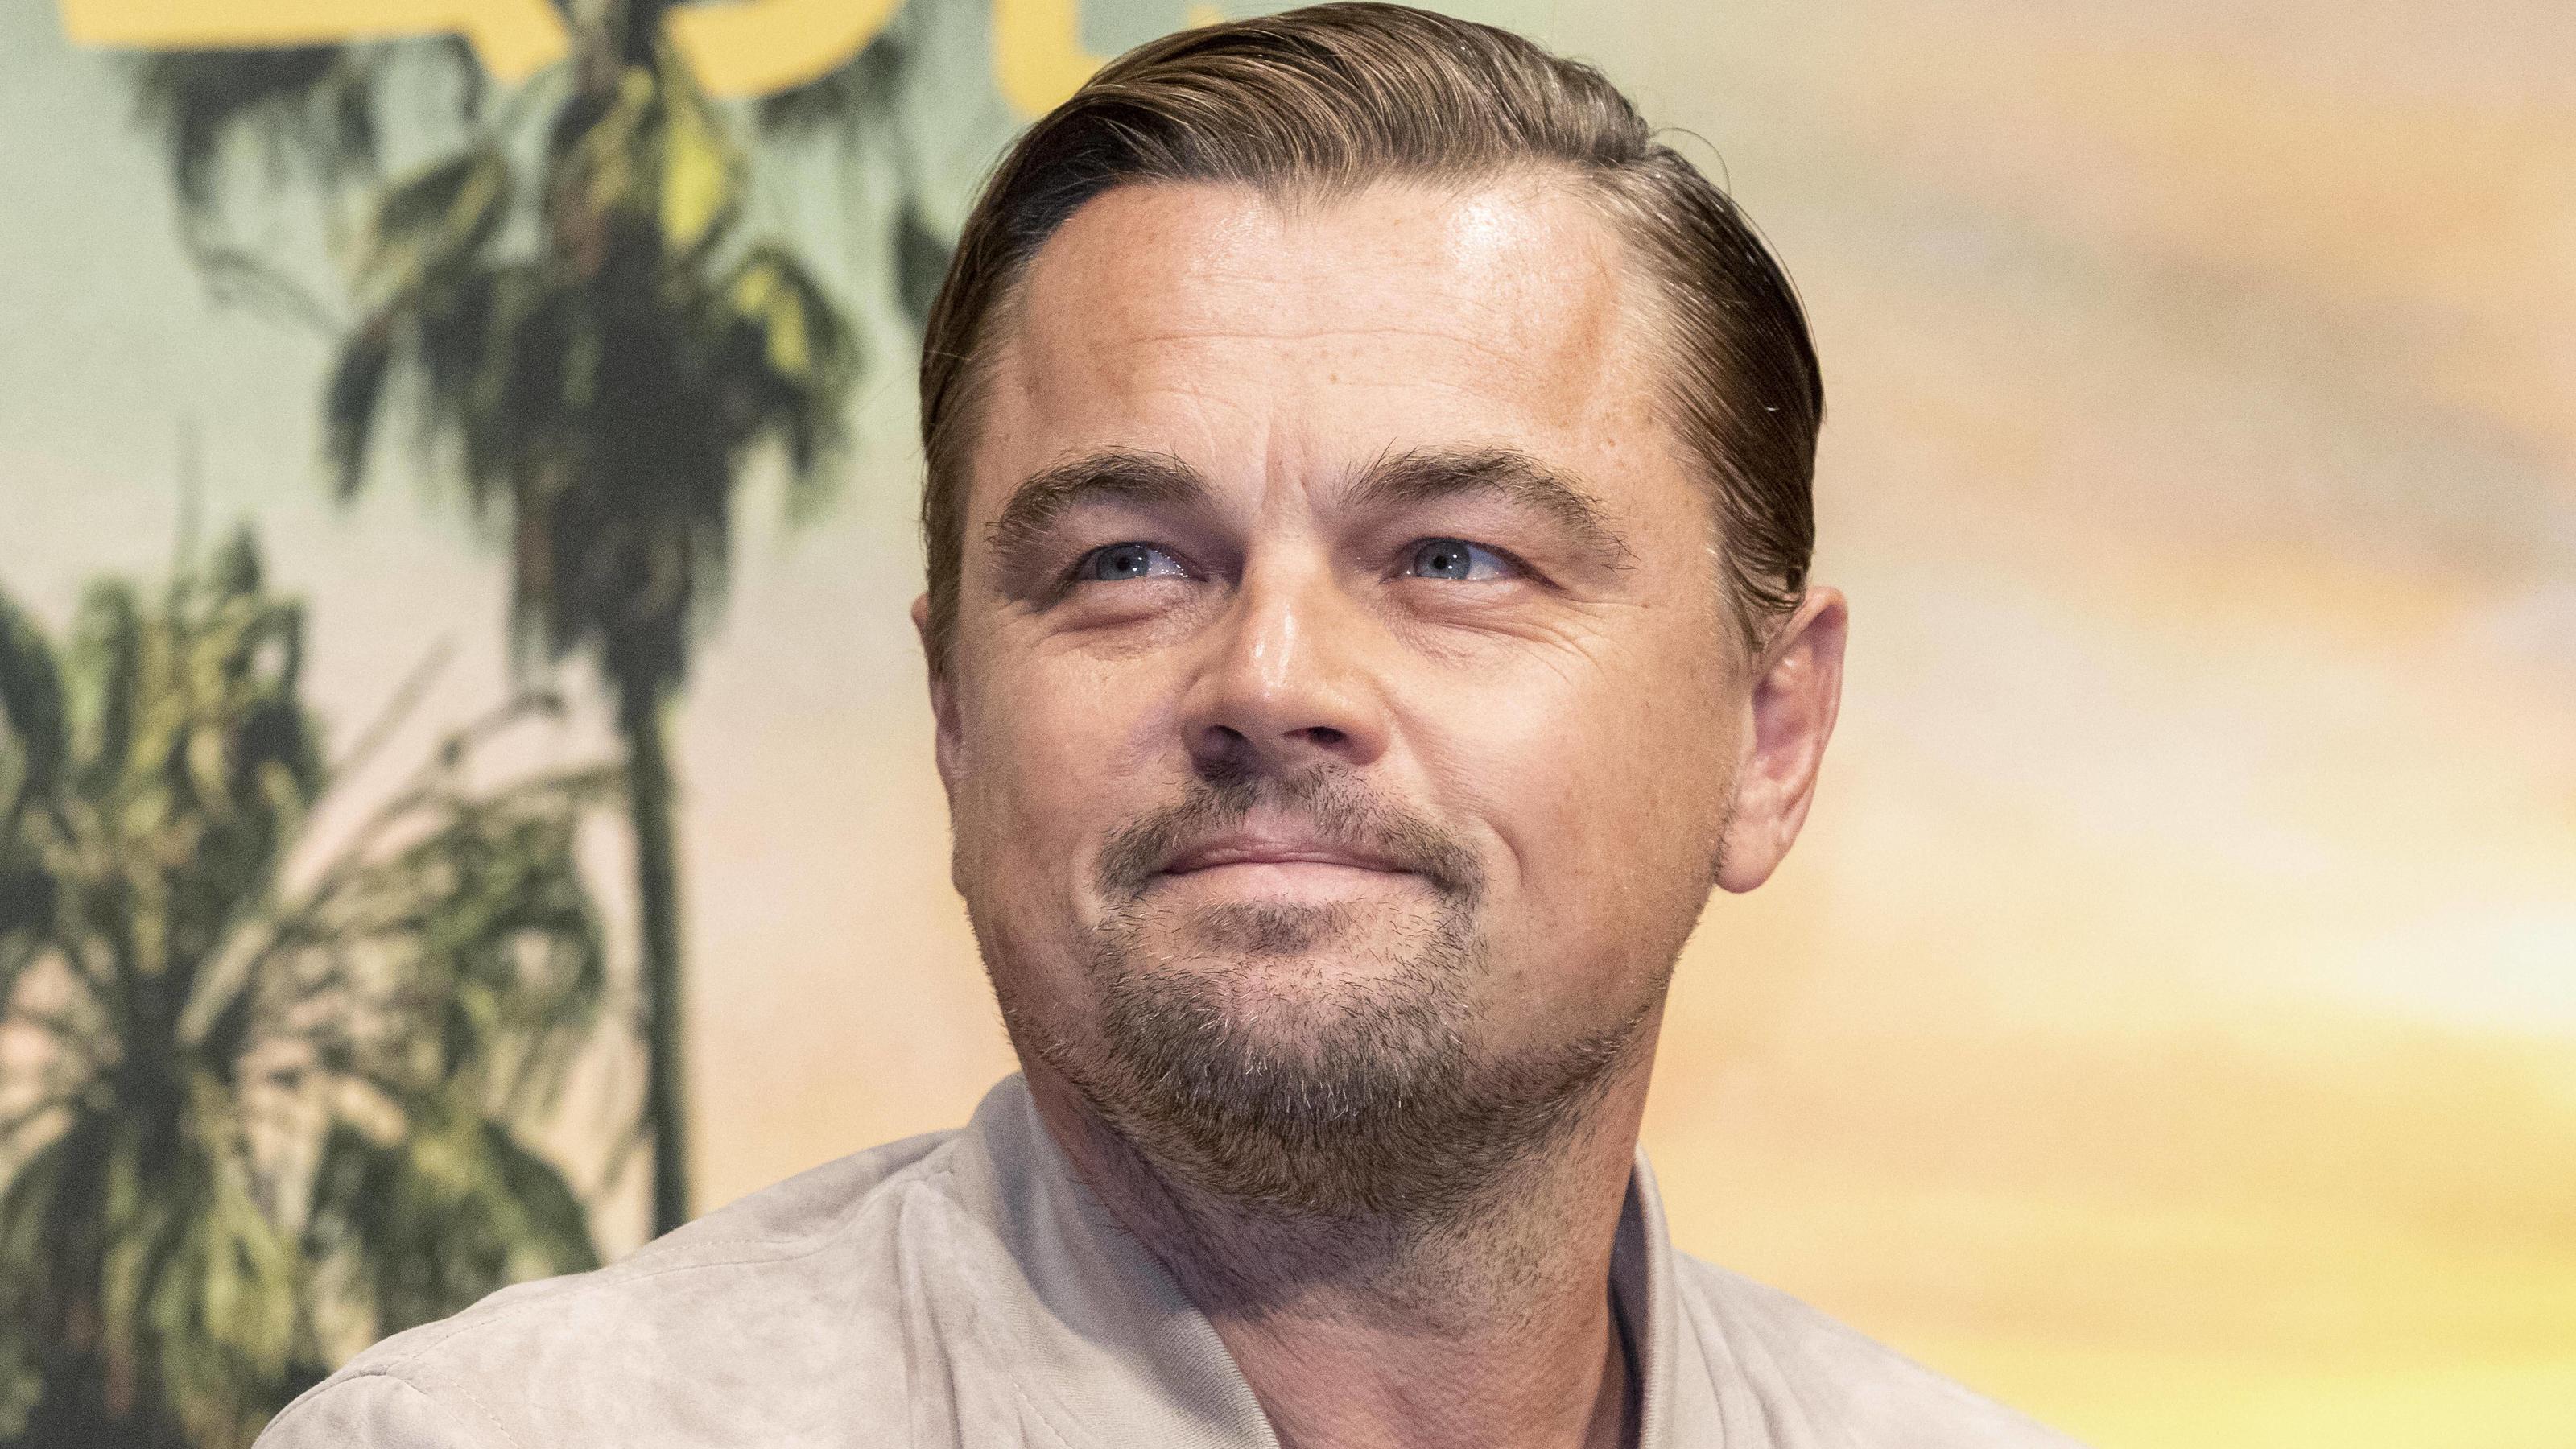 Leonardo dicaprio freundin 2019